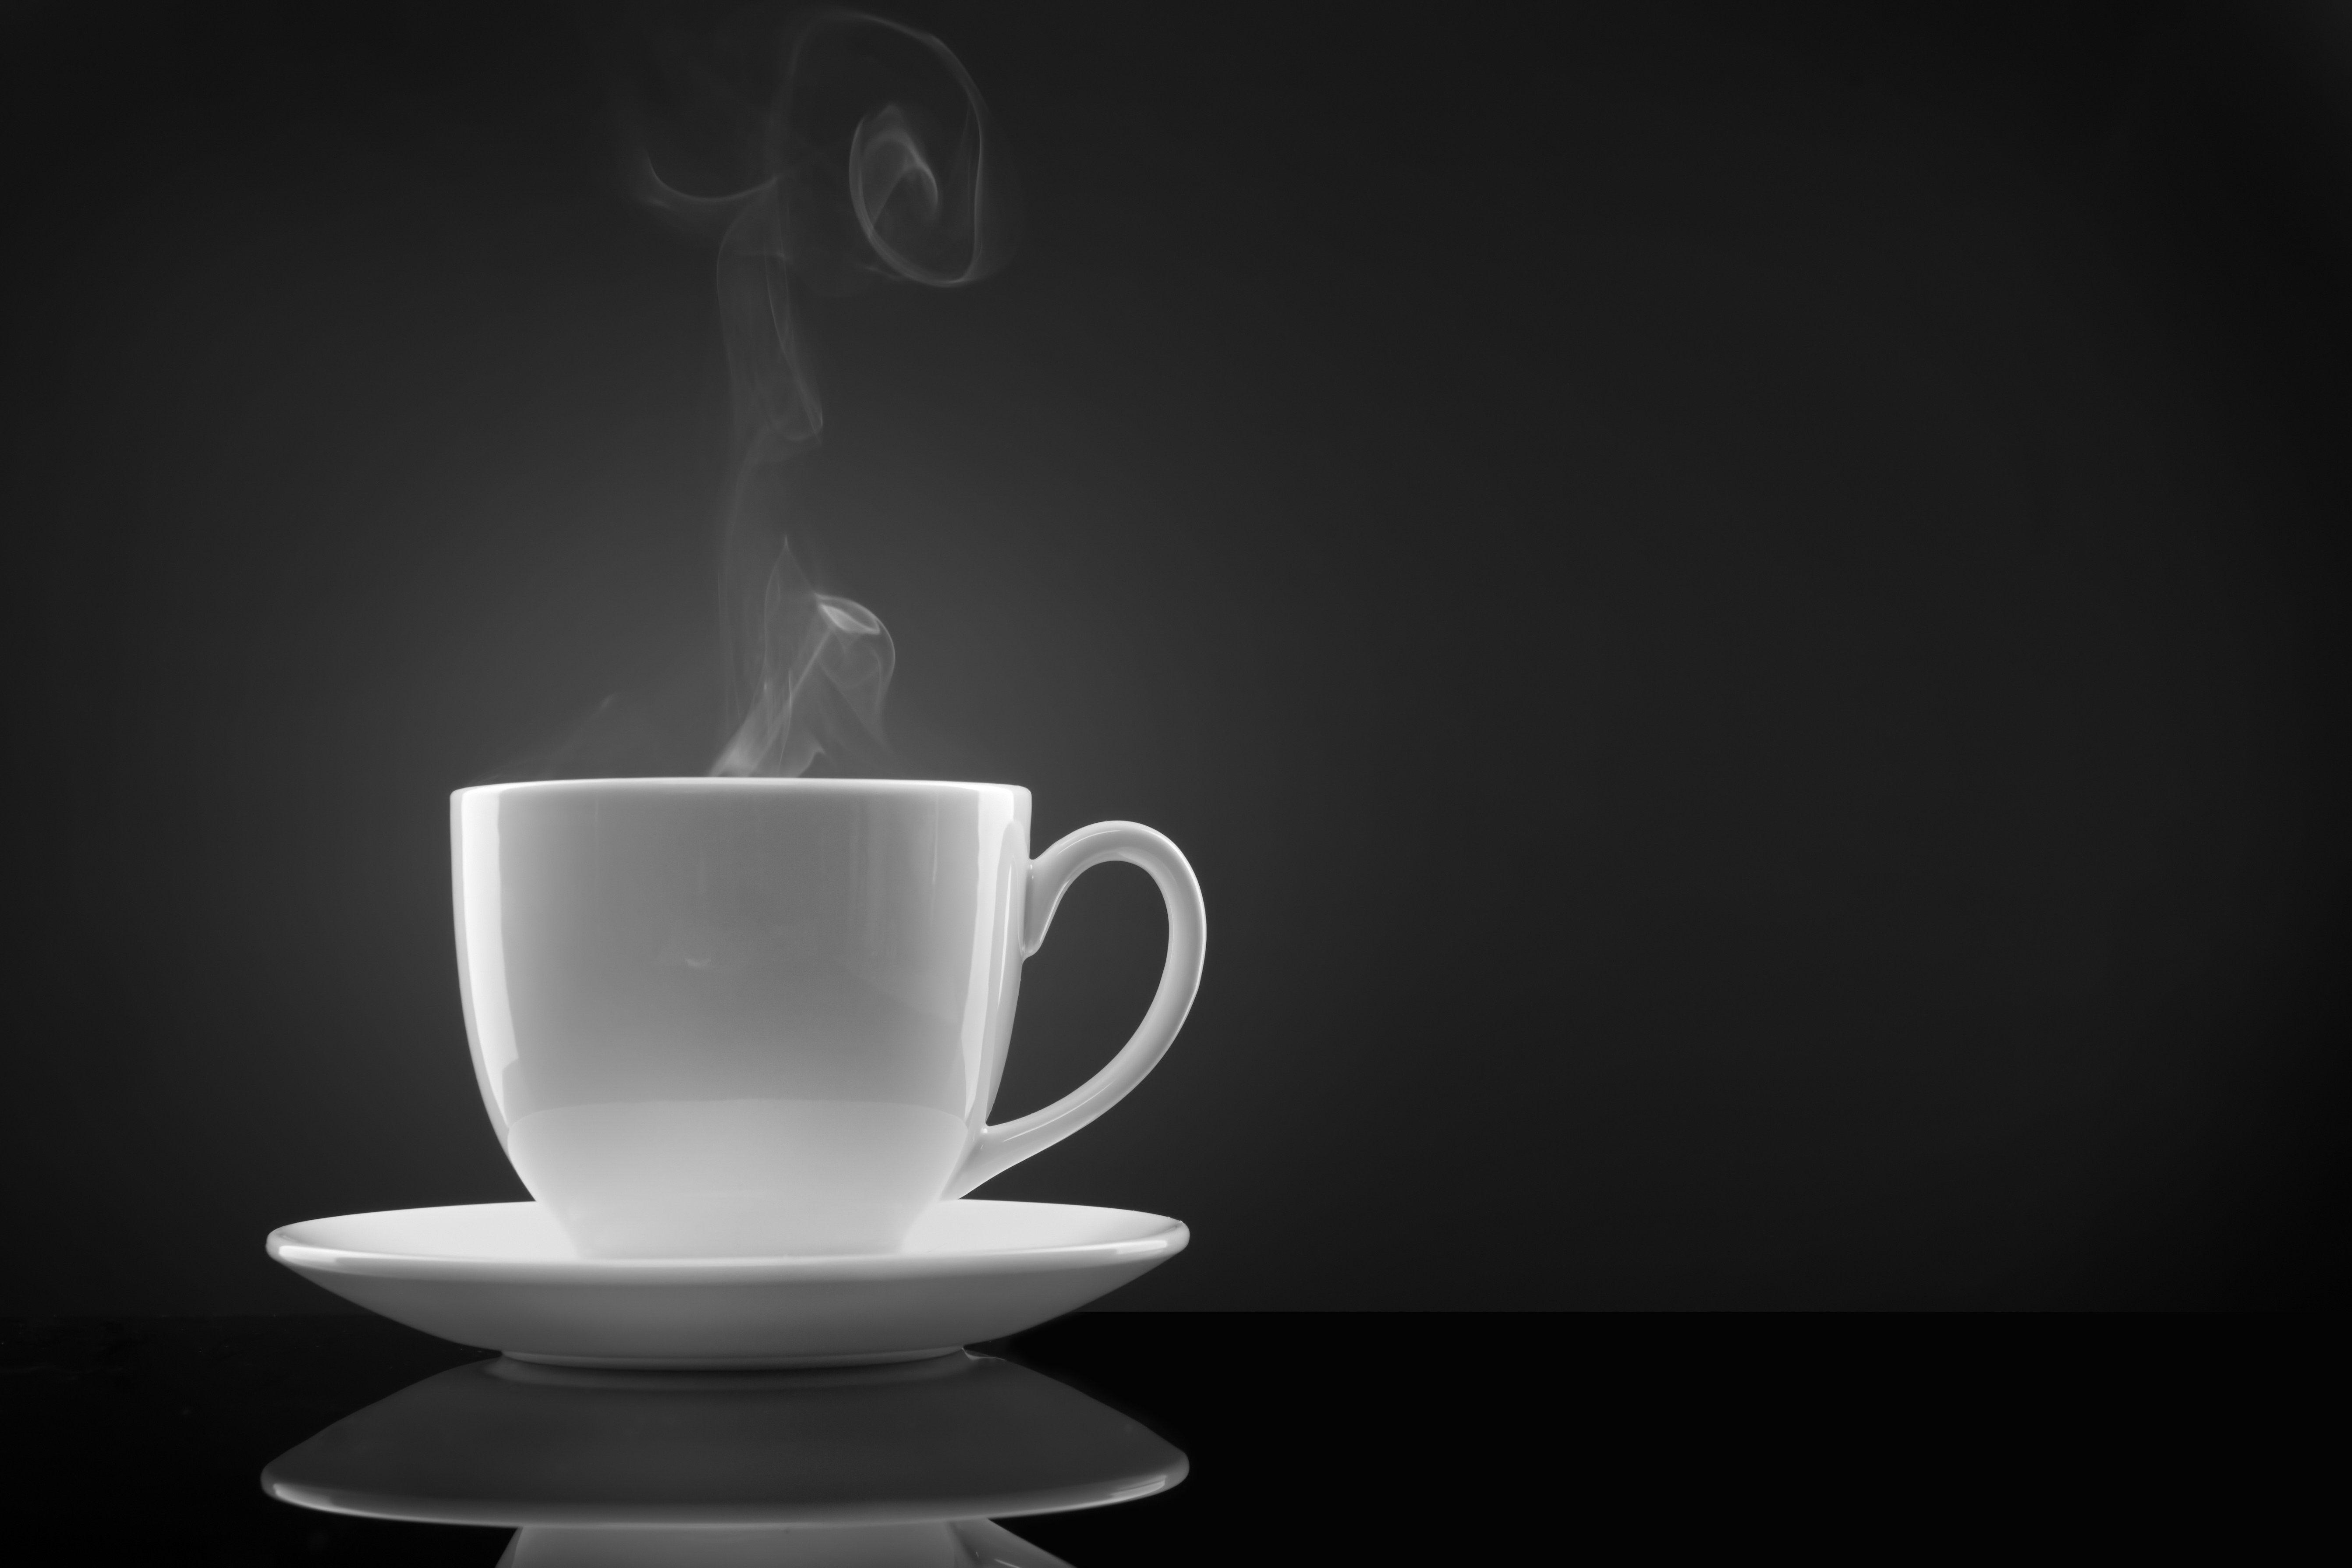 Morning Coffee HD desktop wallpaper Widescreen High